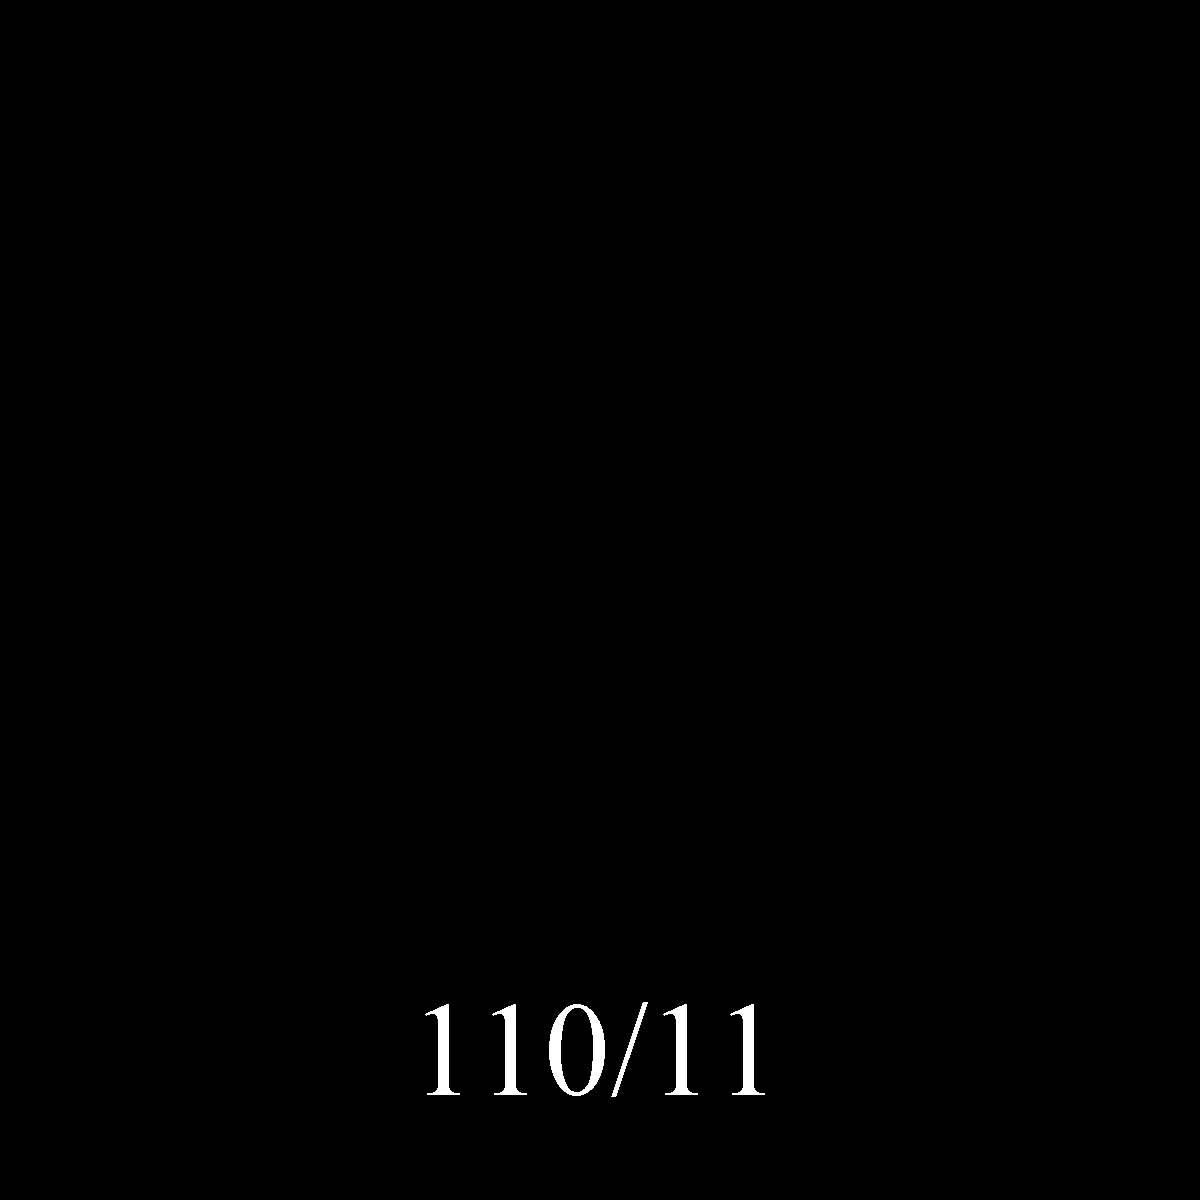 110-11 Negro